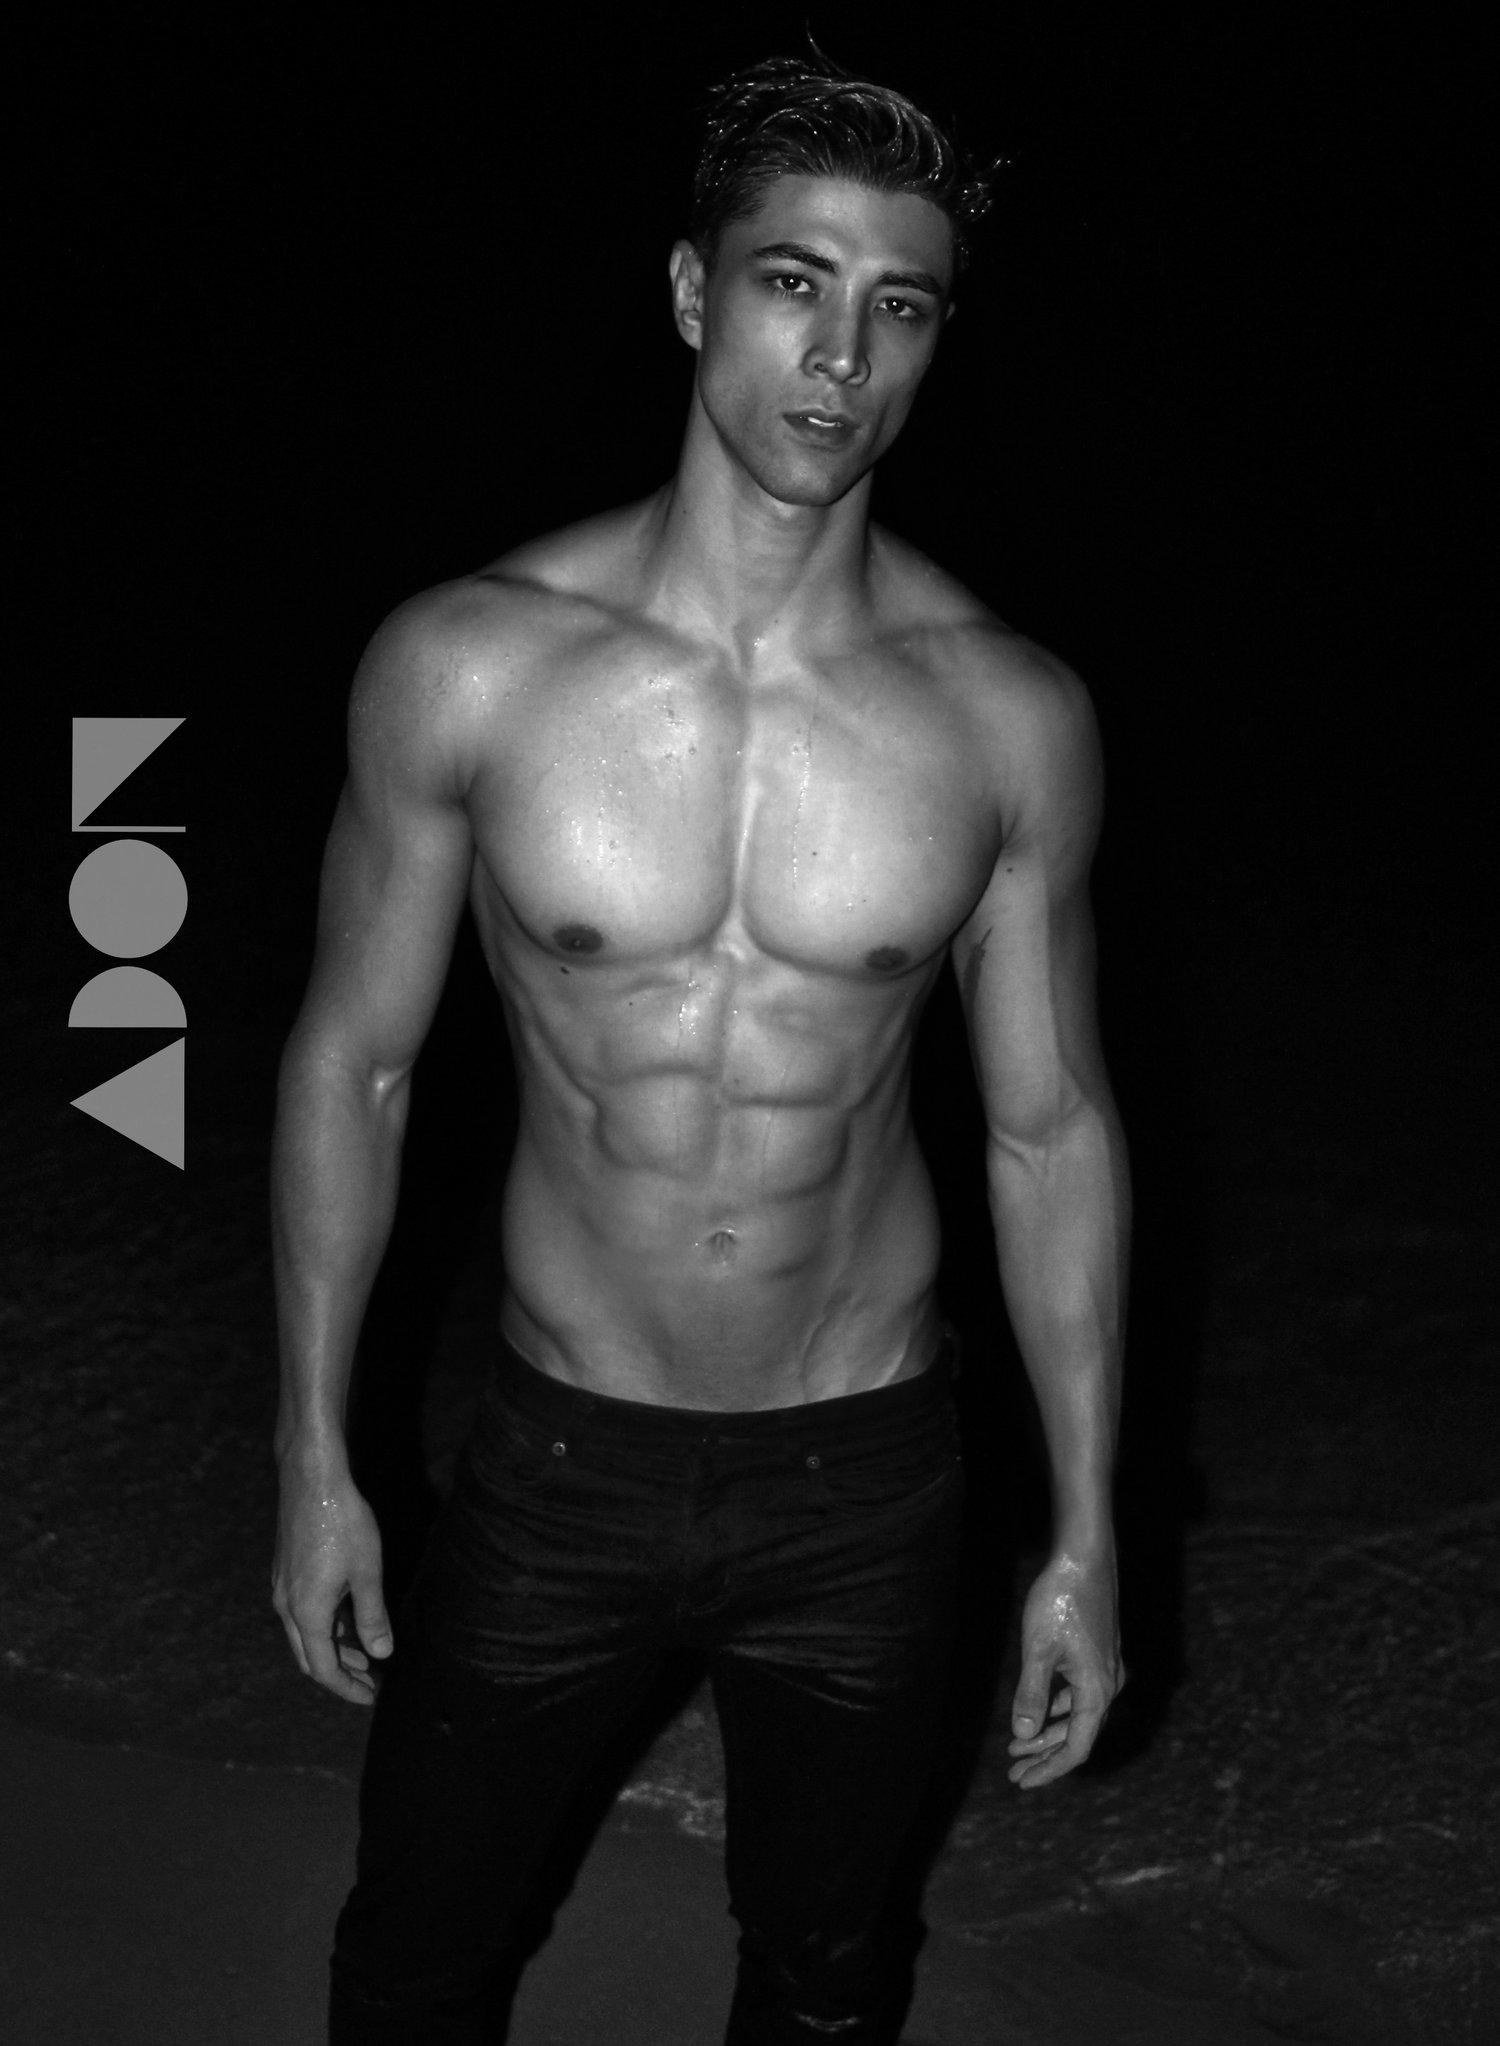 Adon Exclusive: Model Seid N. By Riccardo Del Pozzo